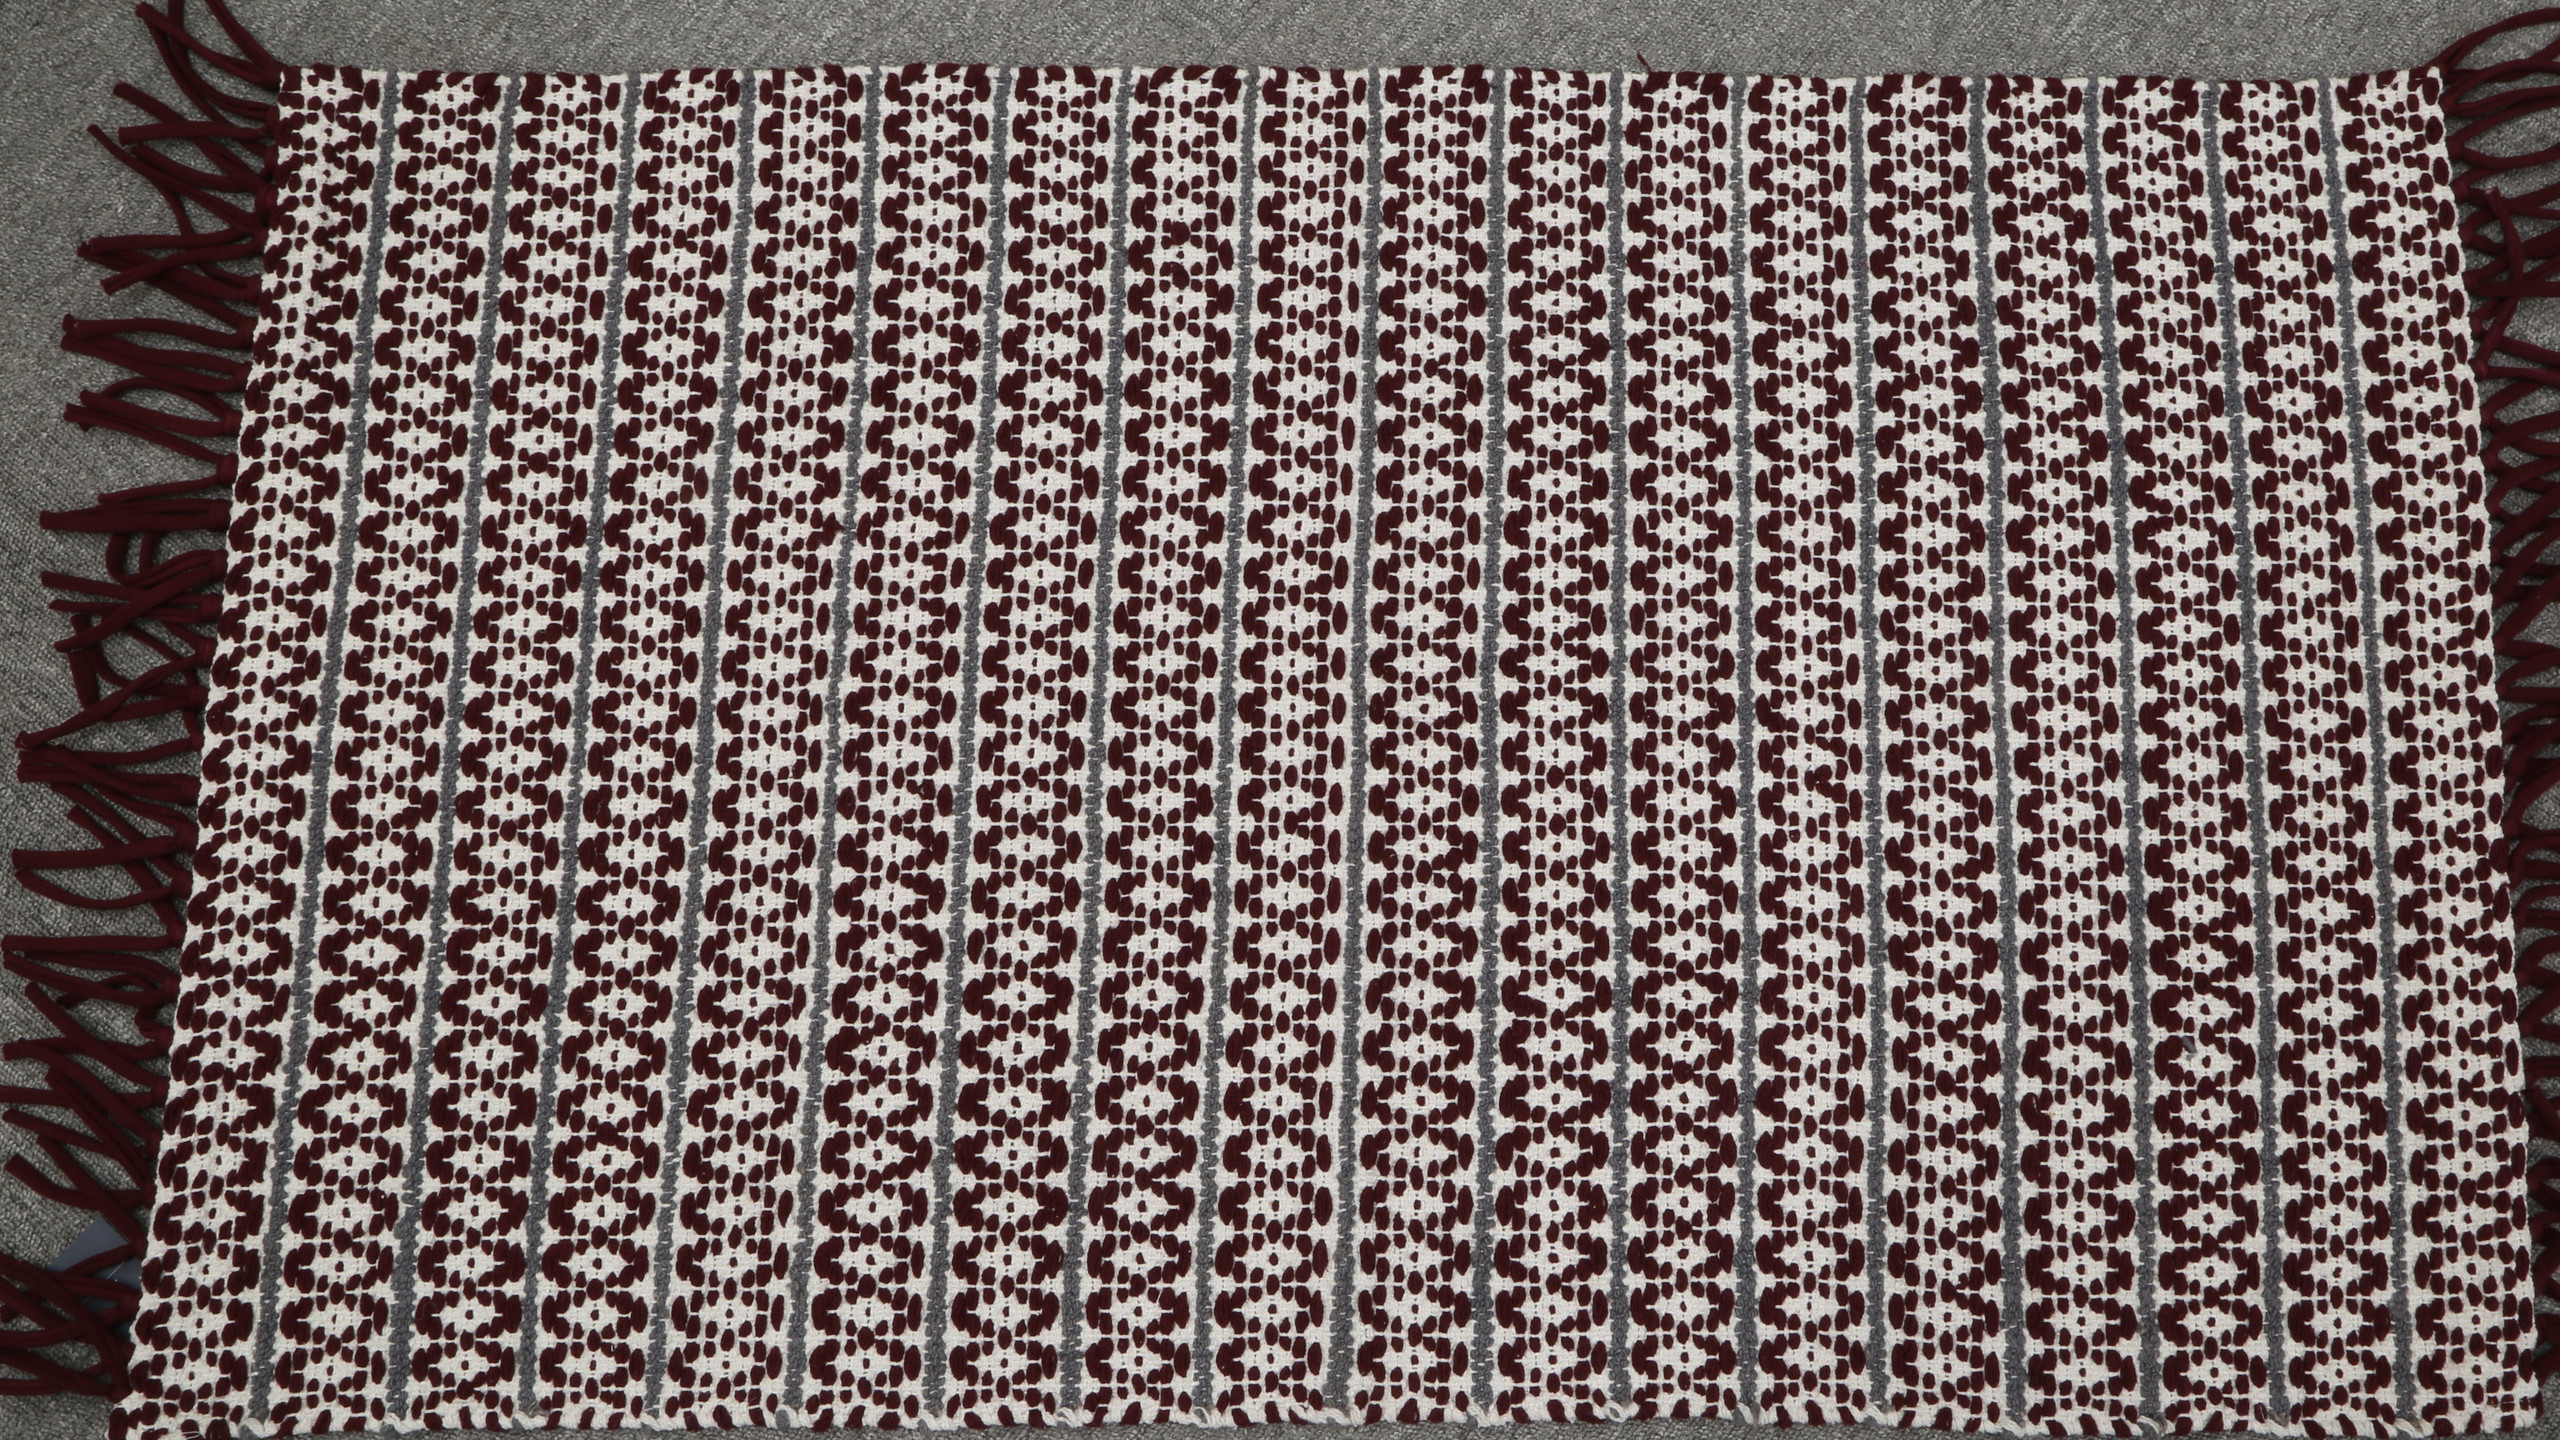 Patterned Rug